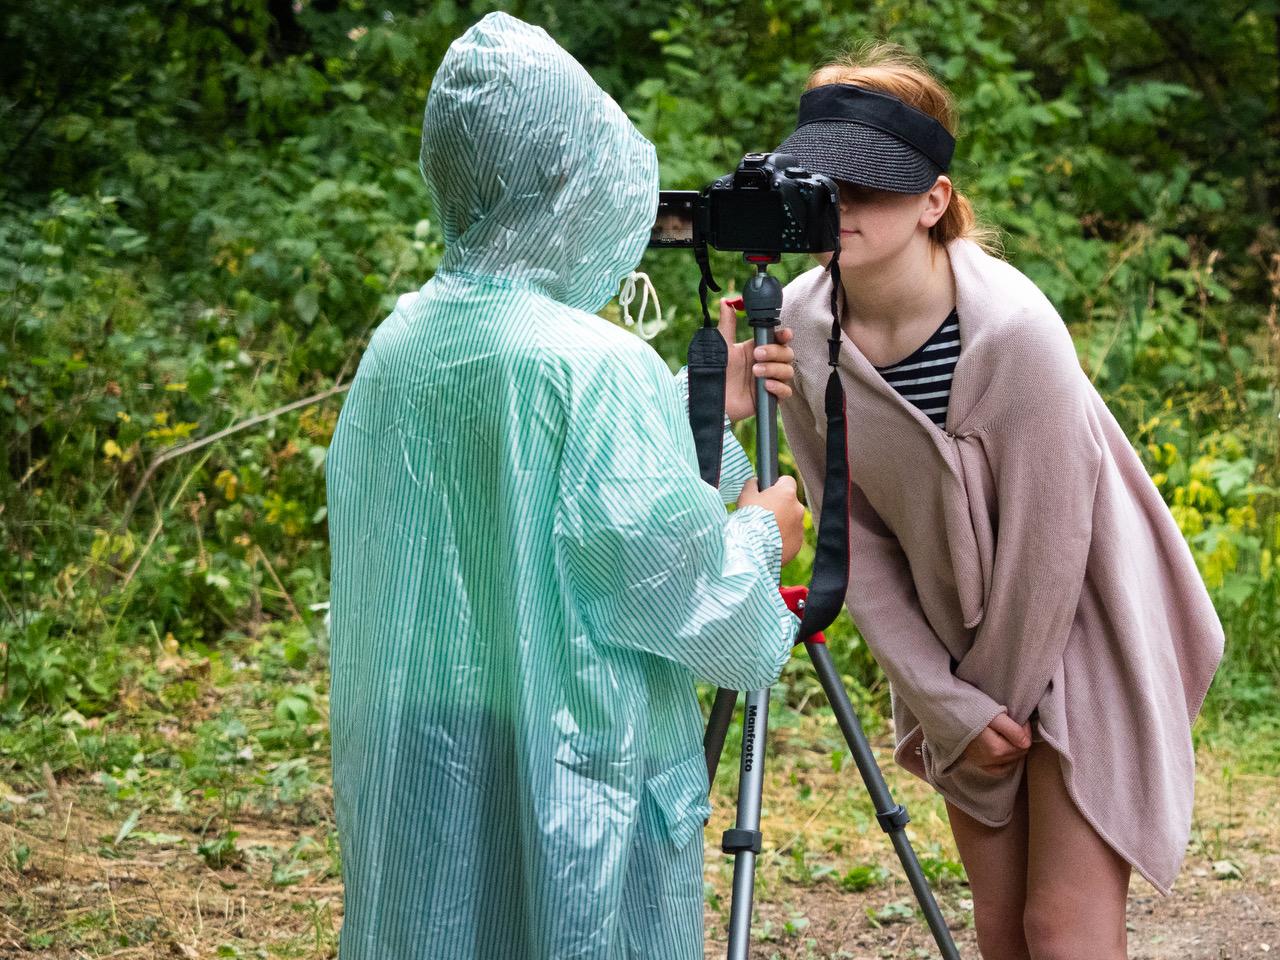 Kaksi nuorta kuvaamassa sateella. Kuvaajalla on vihreä sadeviitta päällään. Kuvattavasta, joka on kietoutunut rooliasuun, otetaan lähikuvaa.